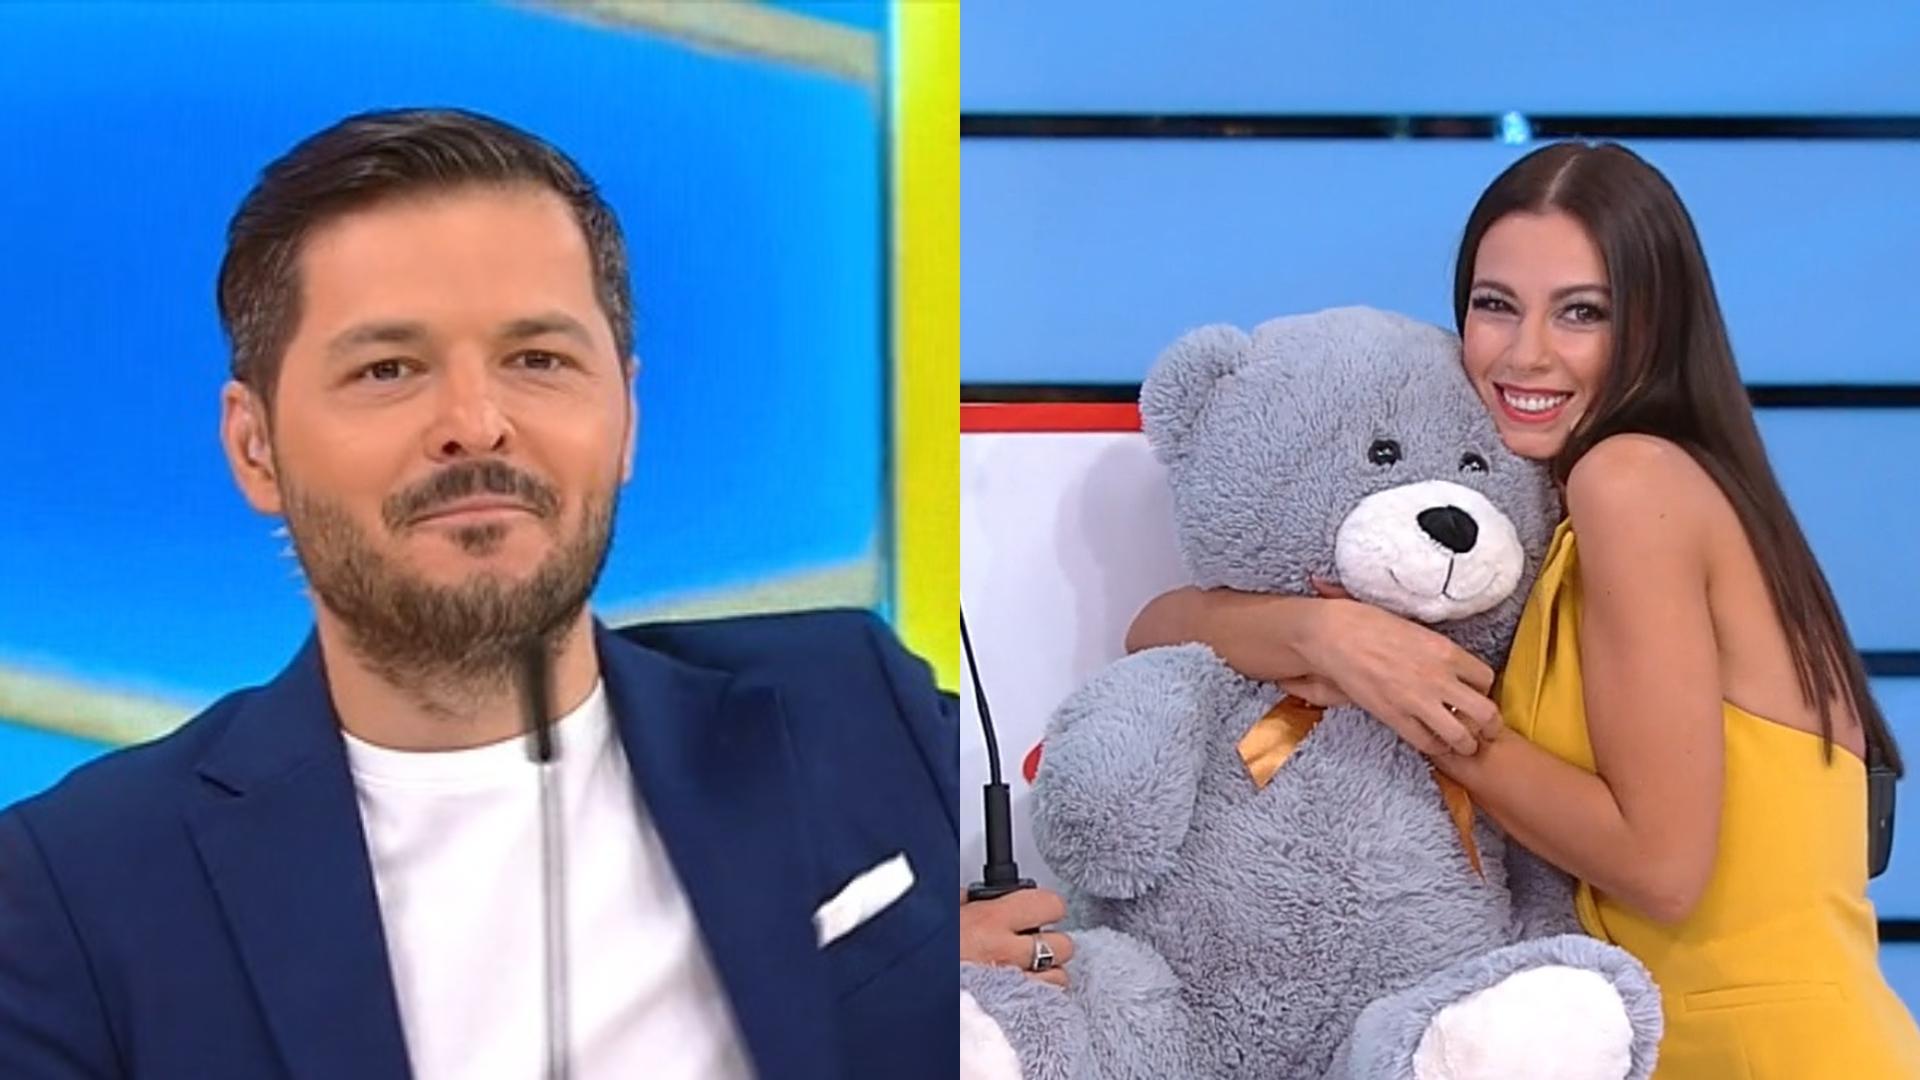 Prețul cel bun, 15 septembrie 2021. Iuliana Luciu a renunțat greu la ursulețul pentru care s-a licitat. Reacția lui Liviu Vârciu